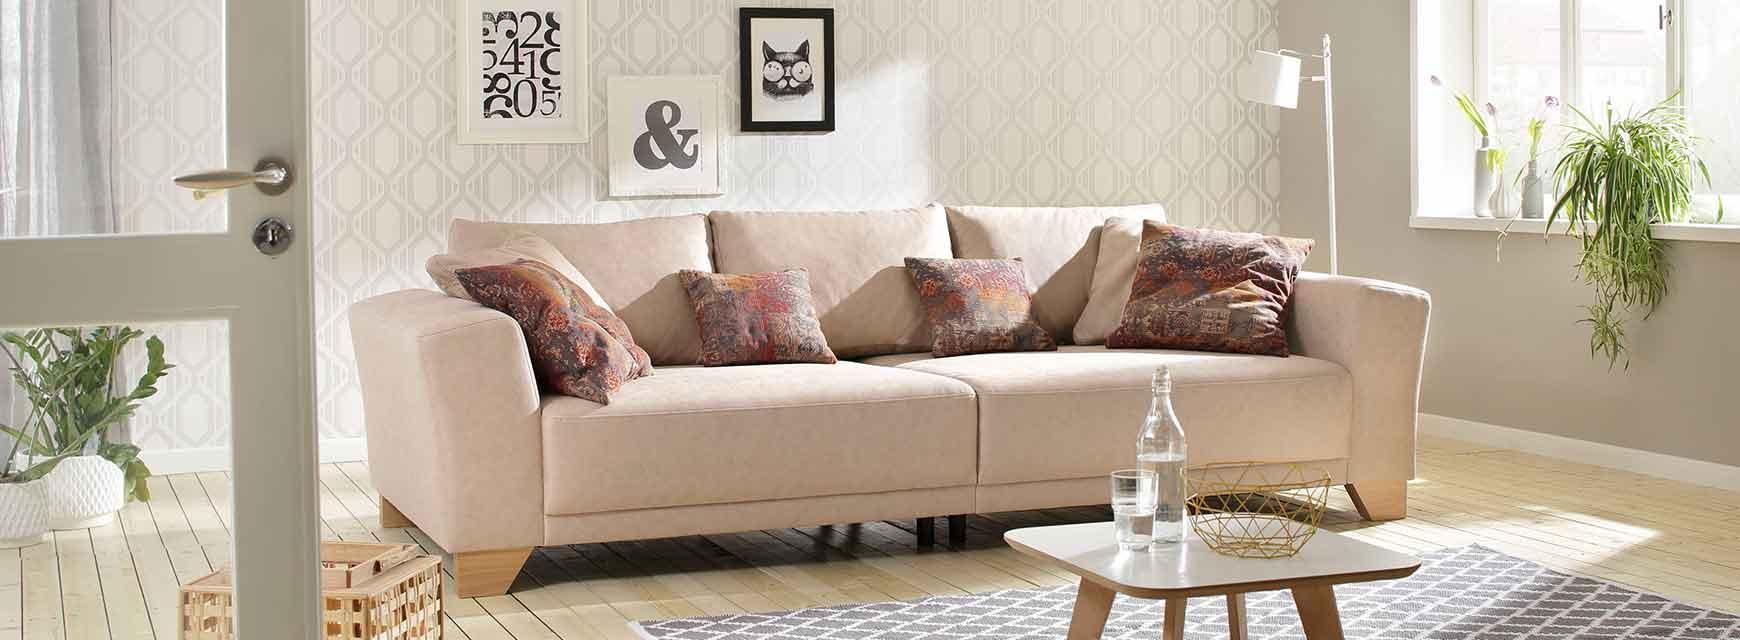 Full Size of Sofa Landhausstil Landhaus Couch Online Kaufen Naturloftde Englisches Chesterfield Graues Regal Big Kolonialstil Samt Gebraucht 2 Sitzer Mit Schlaffunktion Sofa 3er Sofa Grau